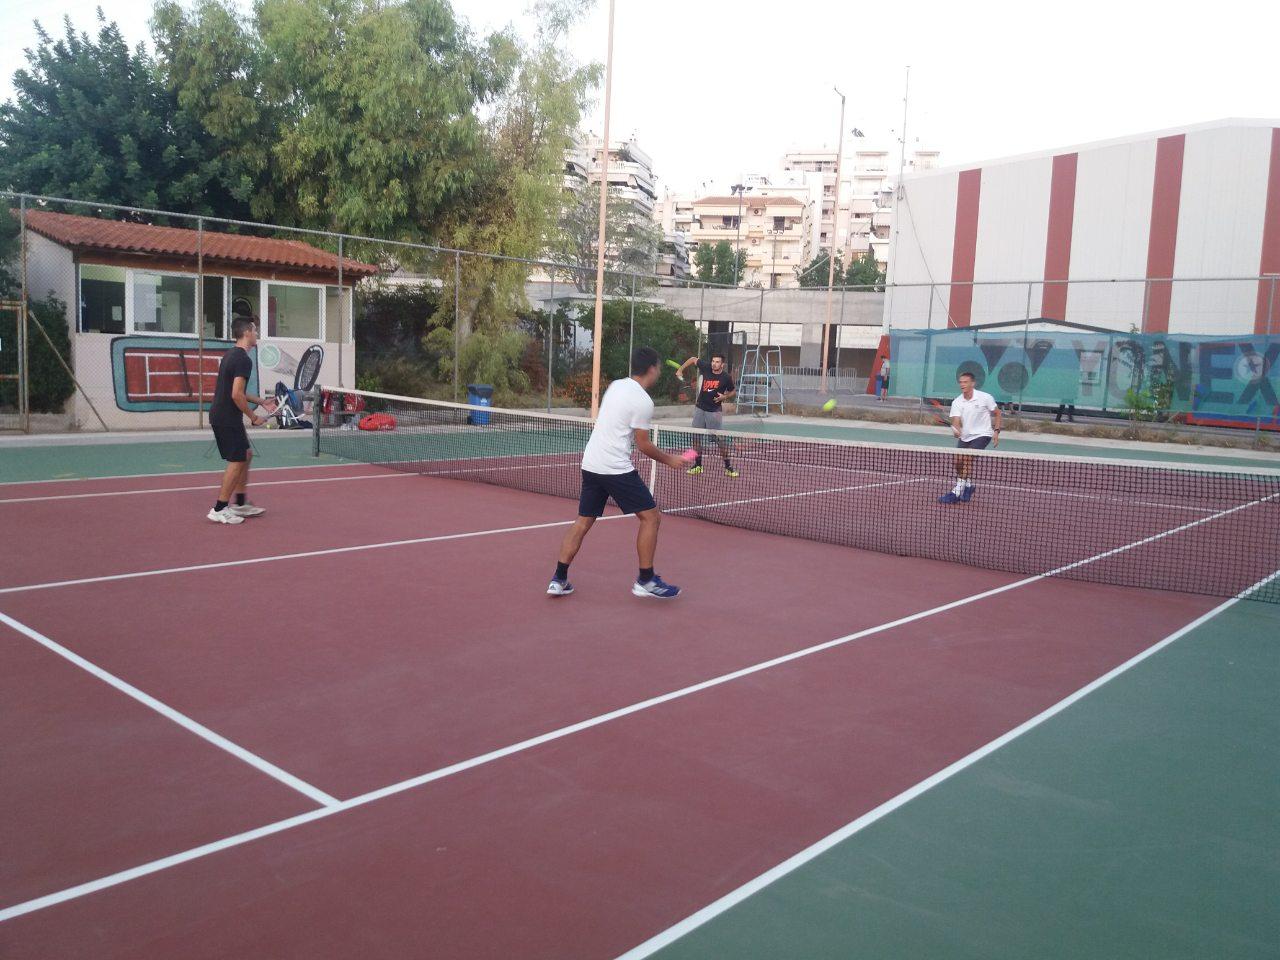 Τένις Αθλητικός Σύλλογος Εκπαιδευτικών Θησέας Αγίου Δημητρίου